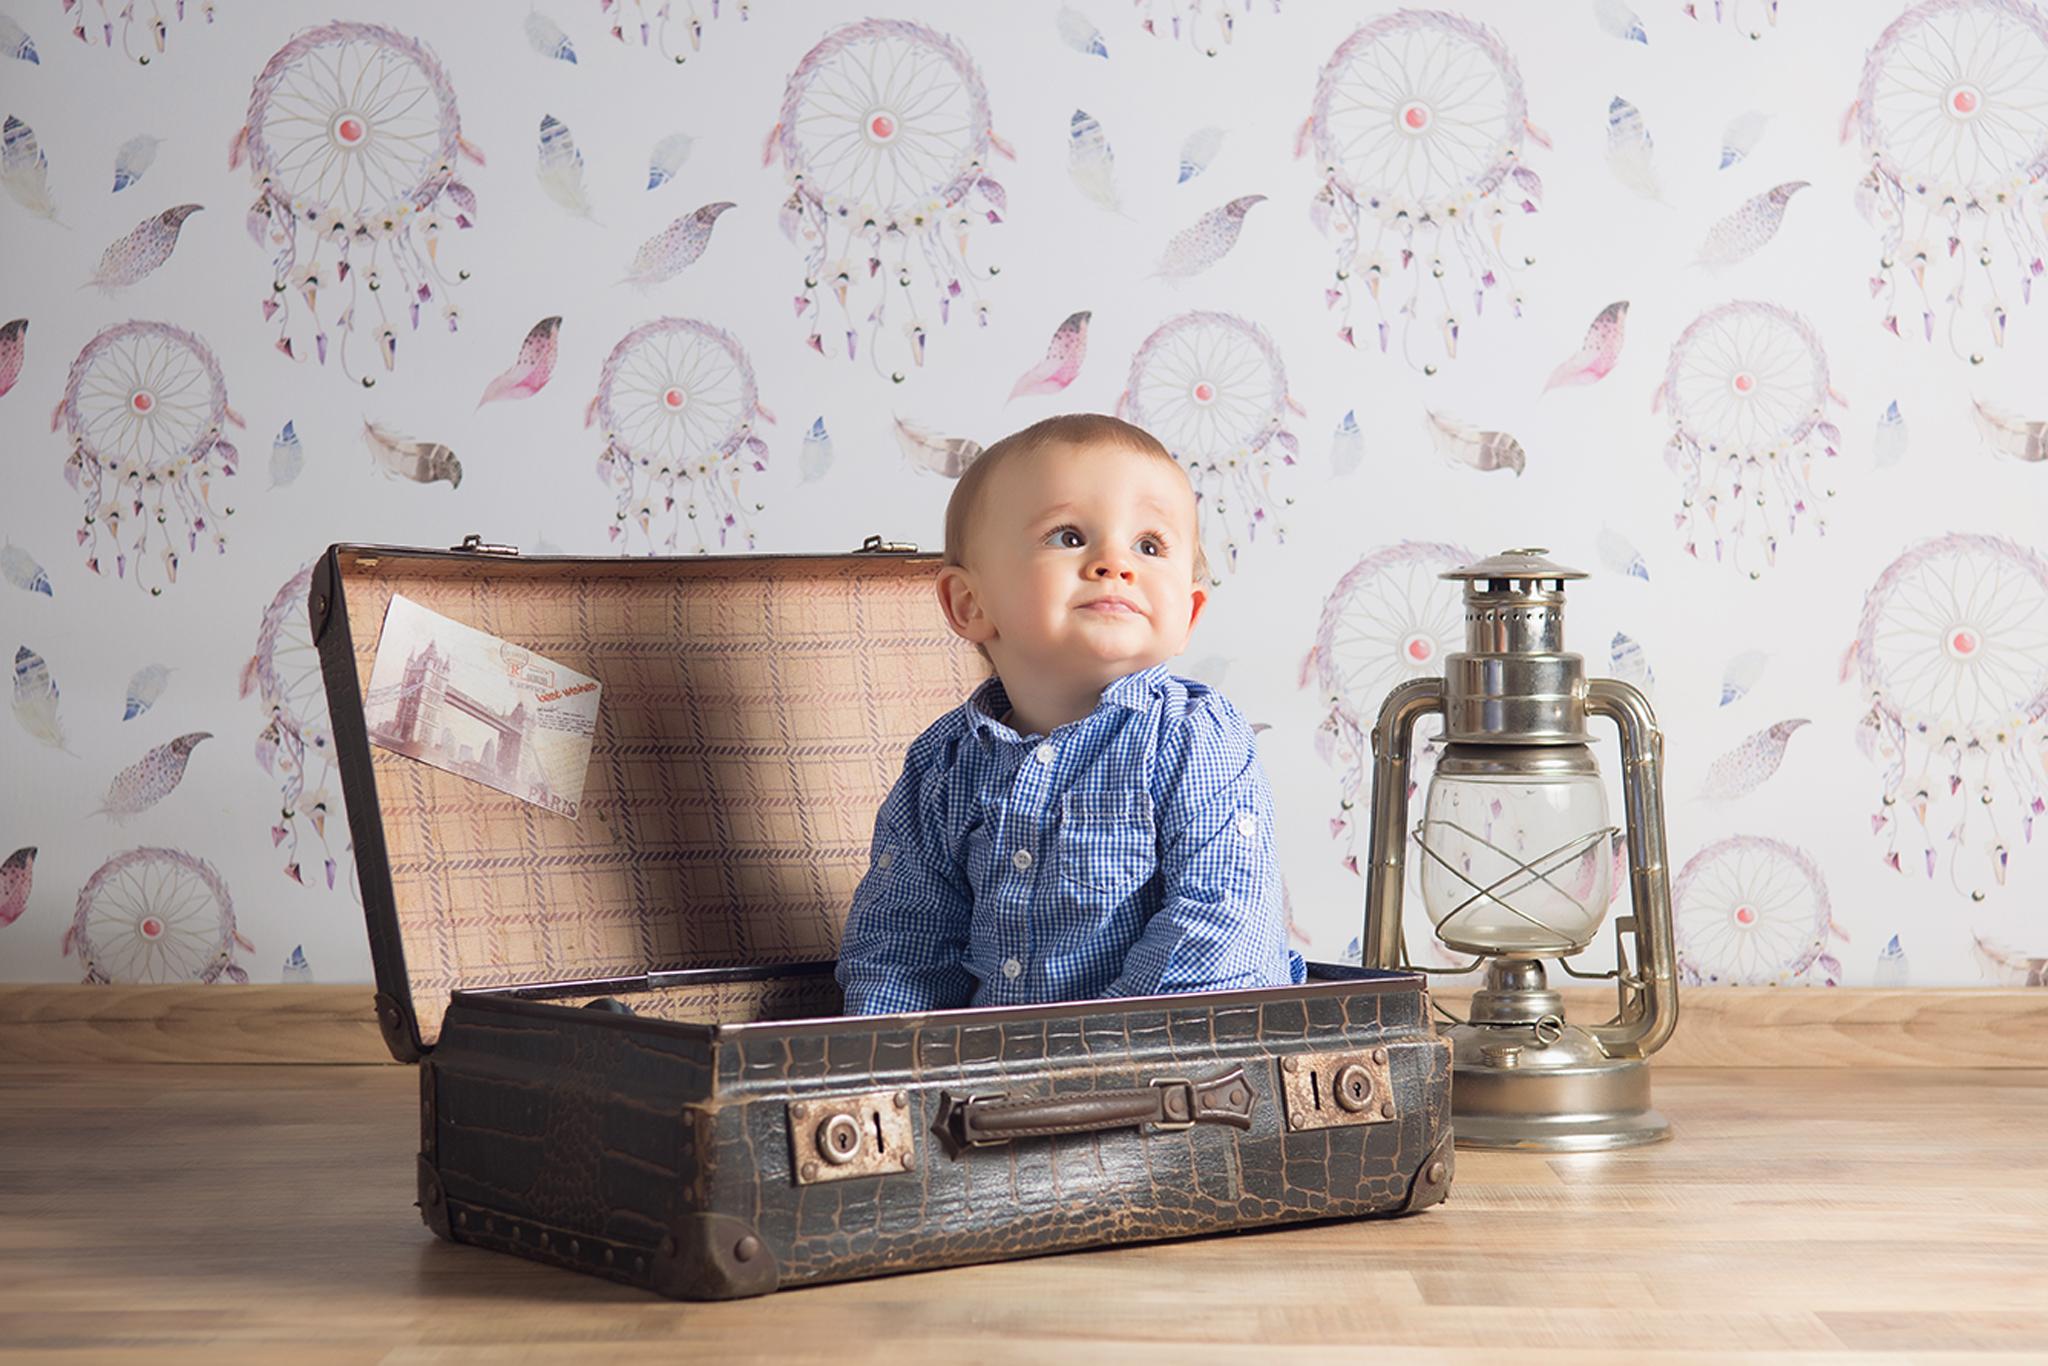 Une séance photos à gagner pour Noël chez votre photographe ?